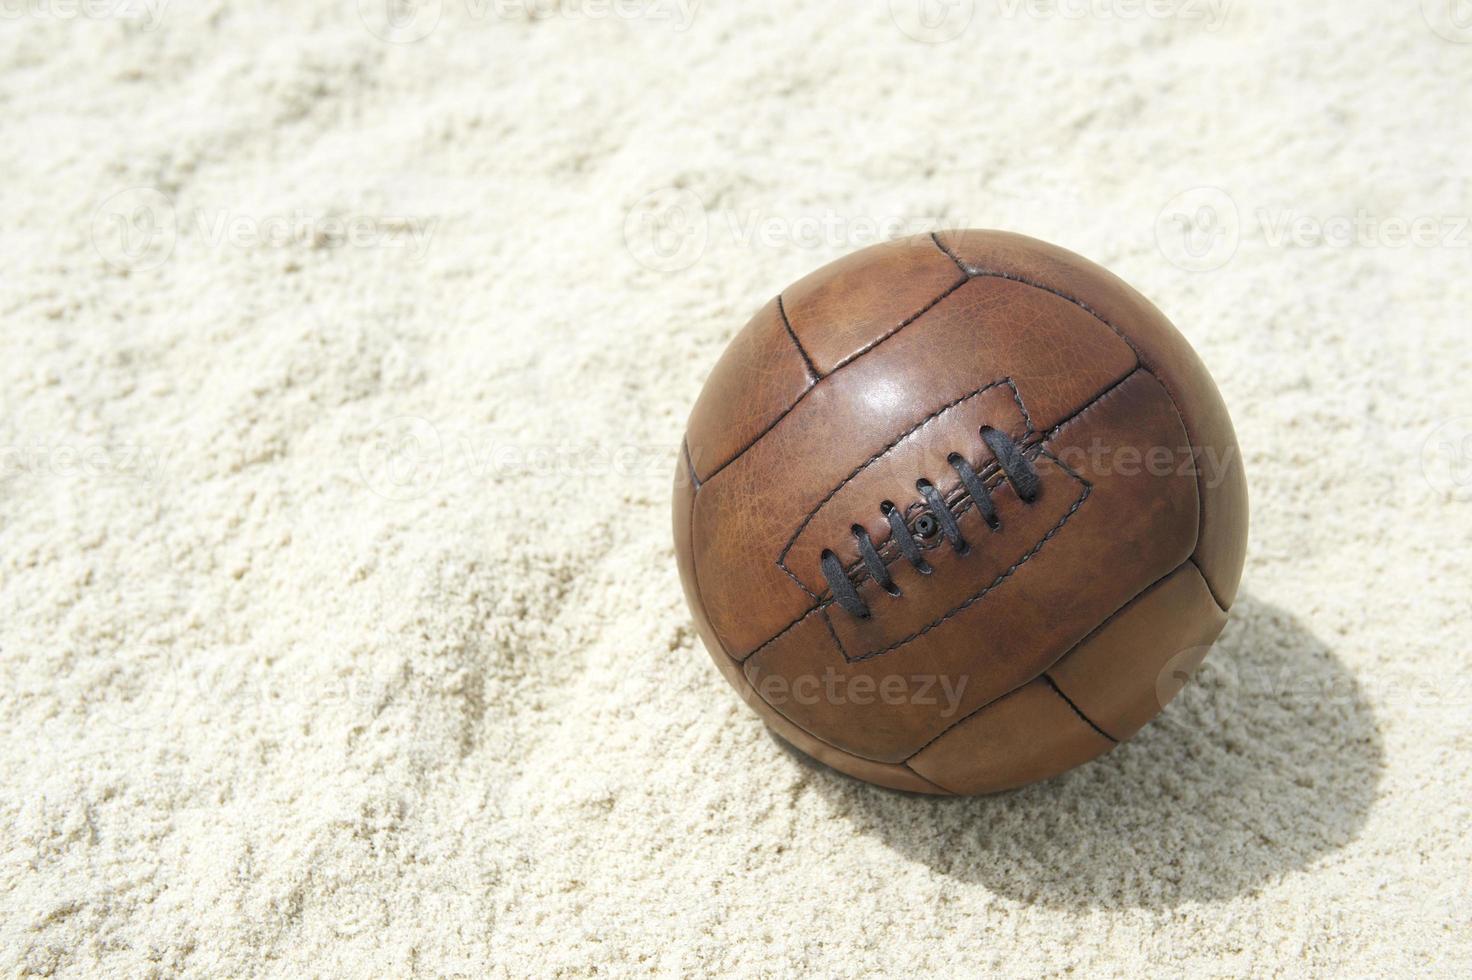 vintage marrom futebol futebol bola areia praia fundo foto